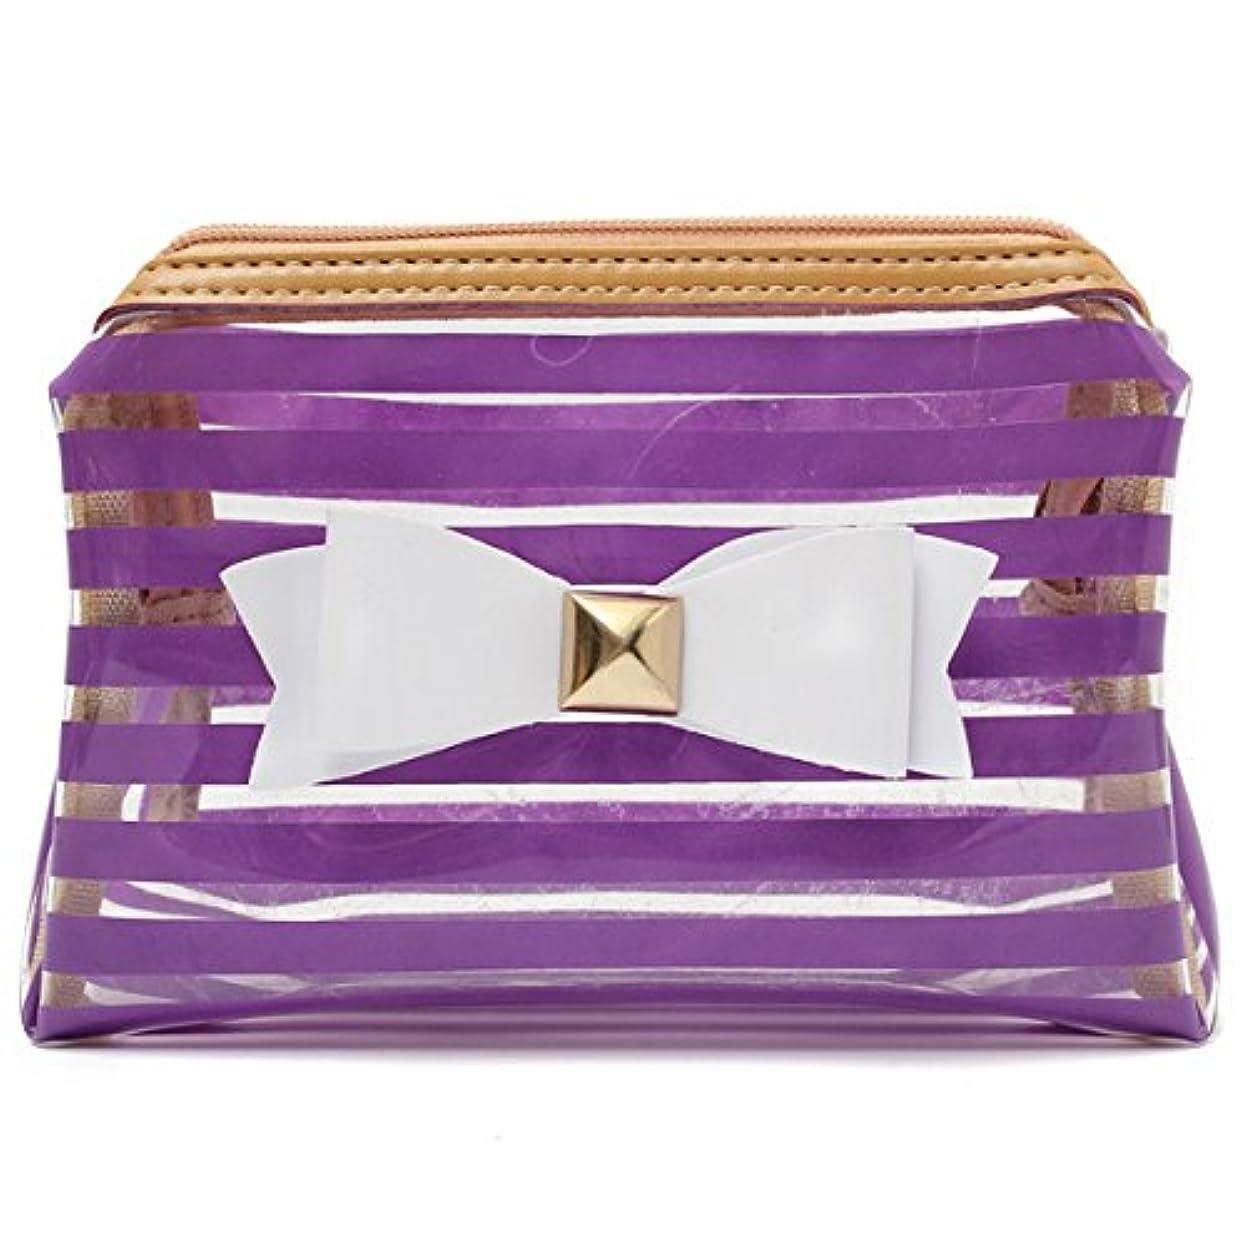 失われた経験うんざりYZUEYT ストライプ透明な化粧品のバッグ旅行PVCボウタイはオーガナイザーケースを作る YZUEYT (Color : Color Purple Hippo)